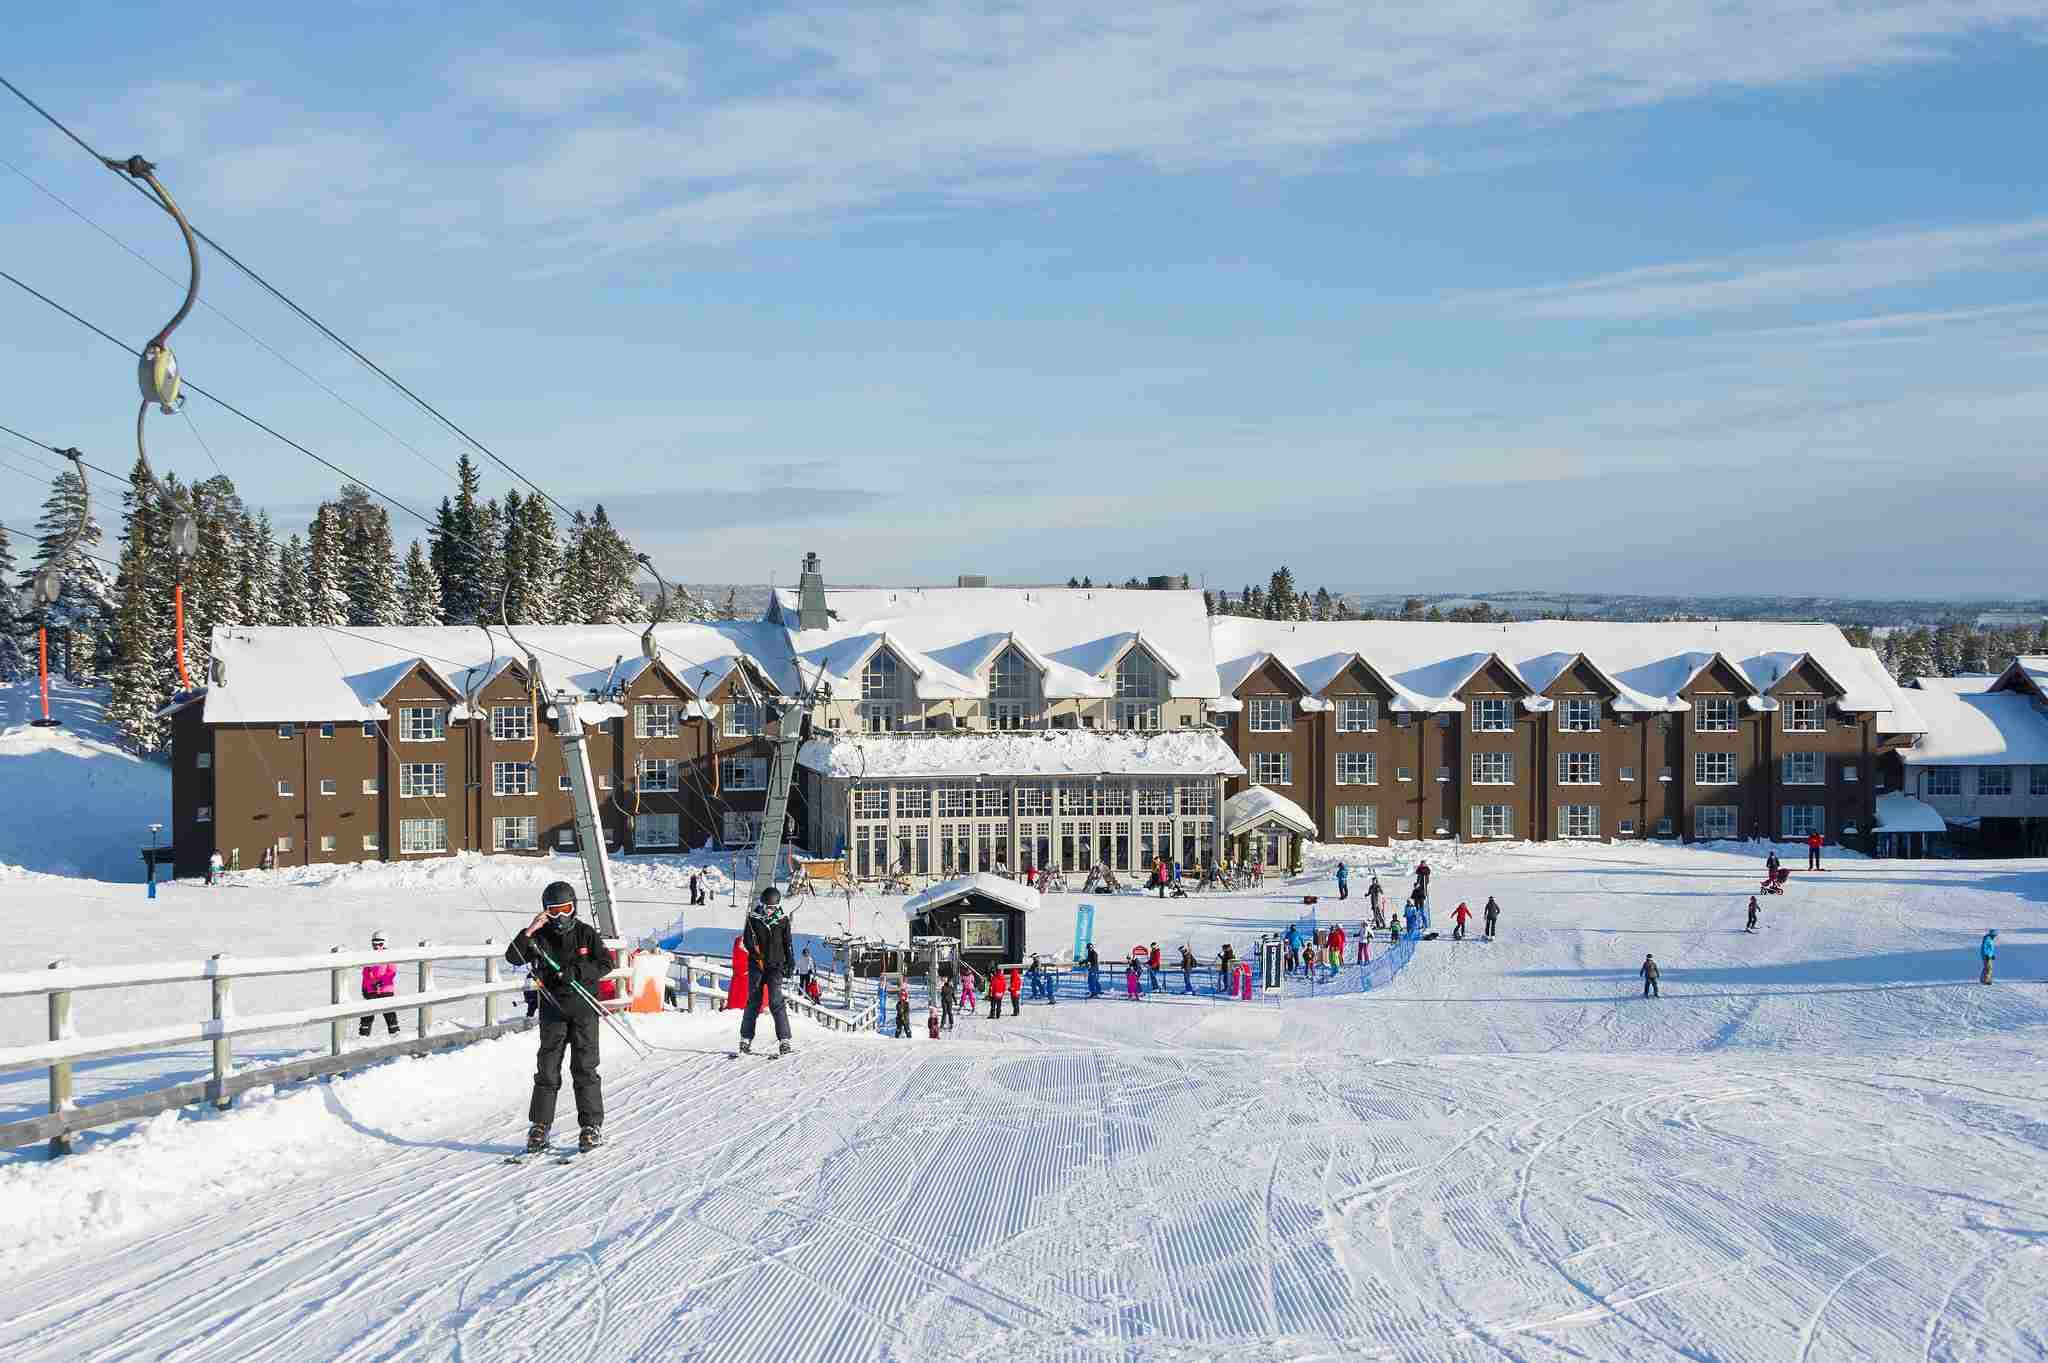 Salen ski resort